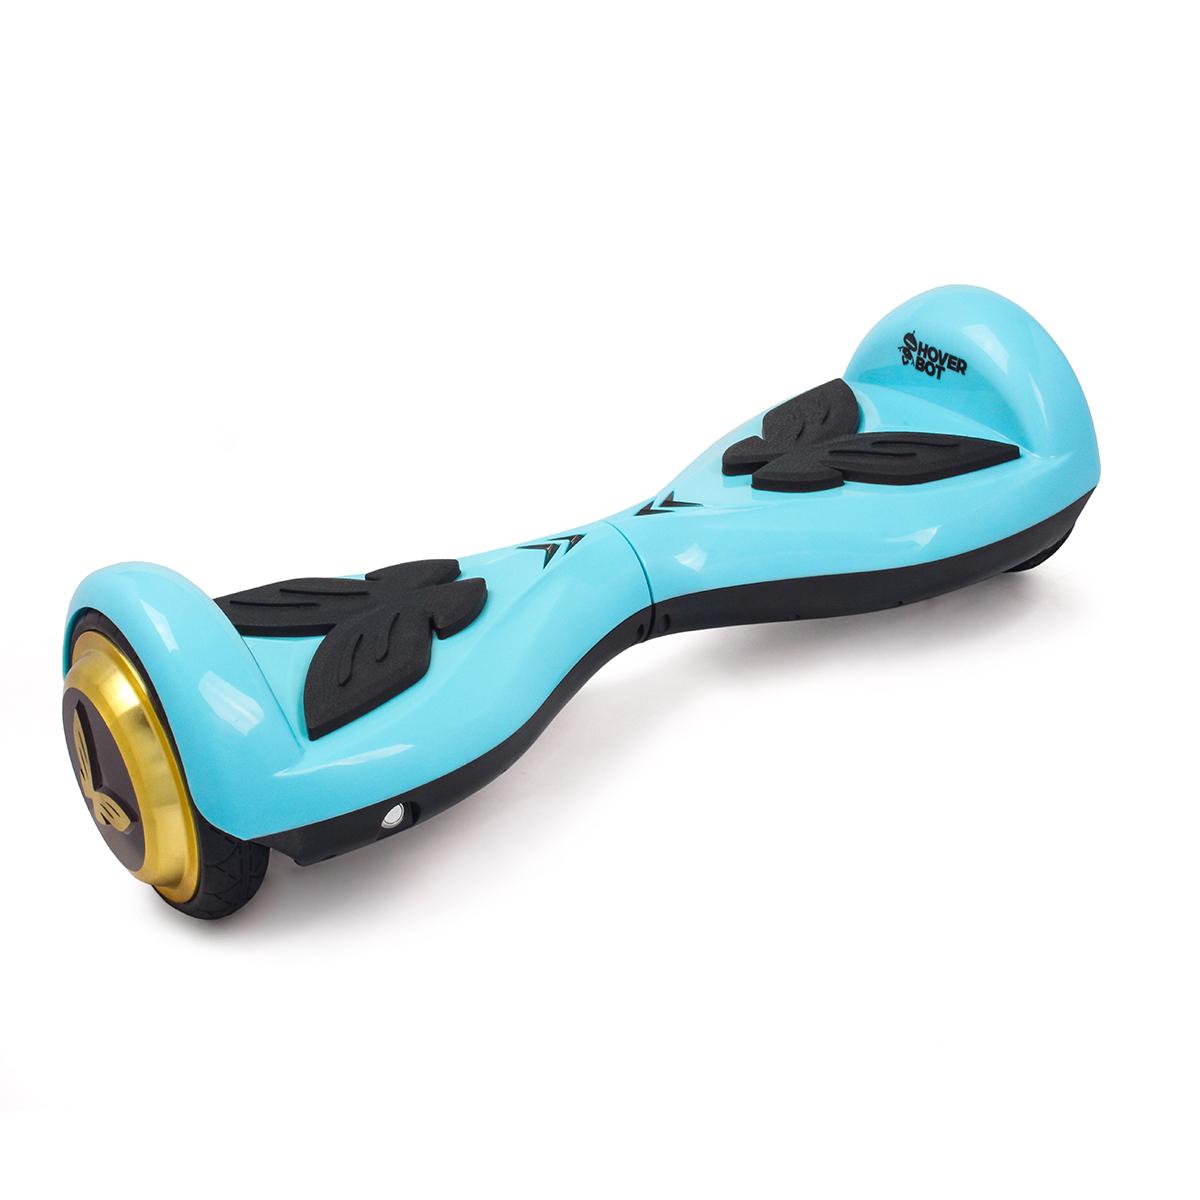 Гироскутер Hoverbot K-2, детский, цвет: синийGK2BEHoverbot K-2 детская модель гироборда. Идеально подойдёт для ребёнка весом до 60 кг, который делает свои первые пробные заезды. Управлять данным устройством очень легко, и ваш ребёнок быстро освоит все азы управления. Педали из мягкой резины выполнены в форме бабочек. Дизайн гироборда оценят девочки любого возраста. Колёса выполнены из прочной резины, колёсные диски имеют золотой цвет. Покупая Hoverbot K-2 вы приобретаете долговечное и безопасное устройство из прочного пластика, в ярком дизайне и с отличными техническими характеристиками. Технические характеристики: Возможная дистанция: 10 км Максимальная скорость: 5 км/ч Аккумулятор: Lithium 42V 2.2 AH Размер колеса: 4,5 d Мощность мотора: 2 х 250W Максимальная нагрузка: 60 кг Время заряда/сеть: 60 мин/220В Вес нетто: 6 кг Вес брутто: 8 кг Влагозащита: IP54, Условия эксплуатации: -10°C + 50°C. Комплектация: Зарядное устройство, гарантийный талон, сертификат, инструкция